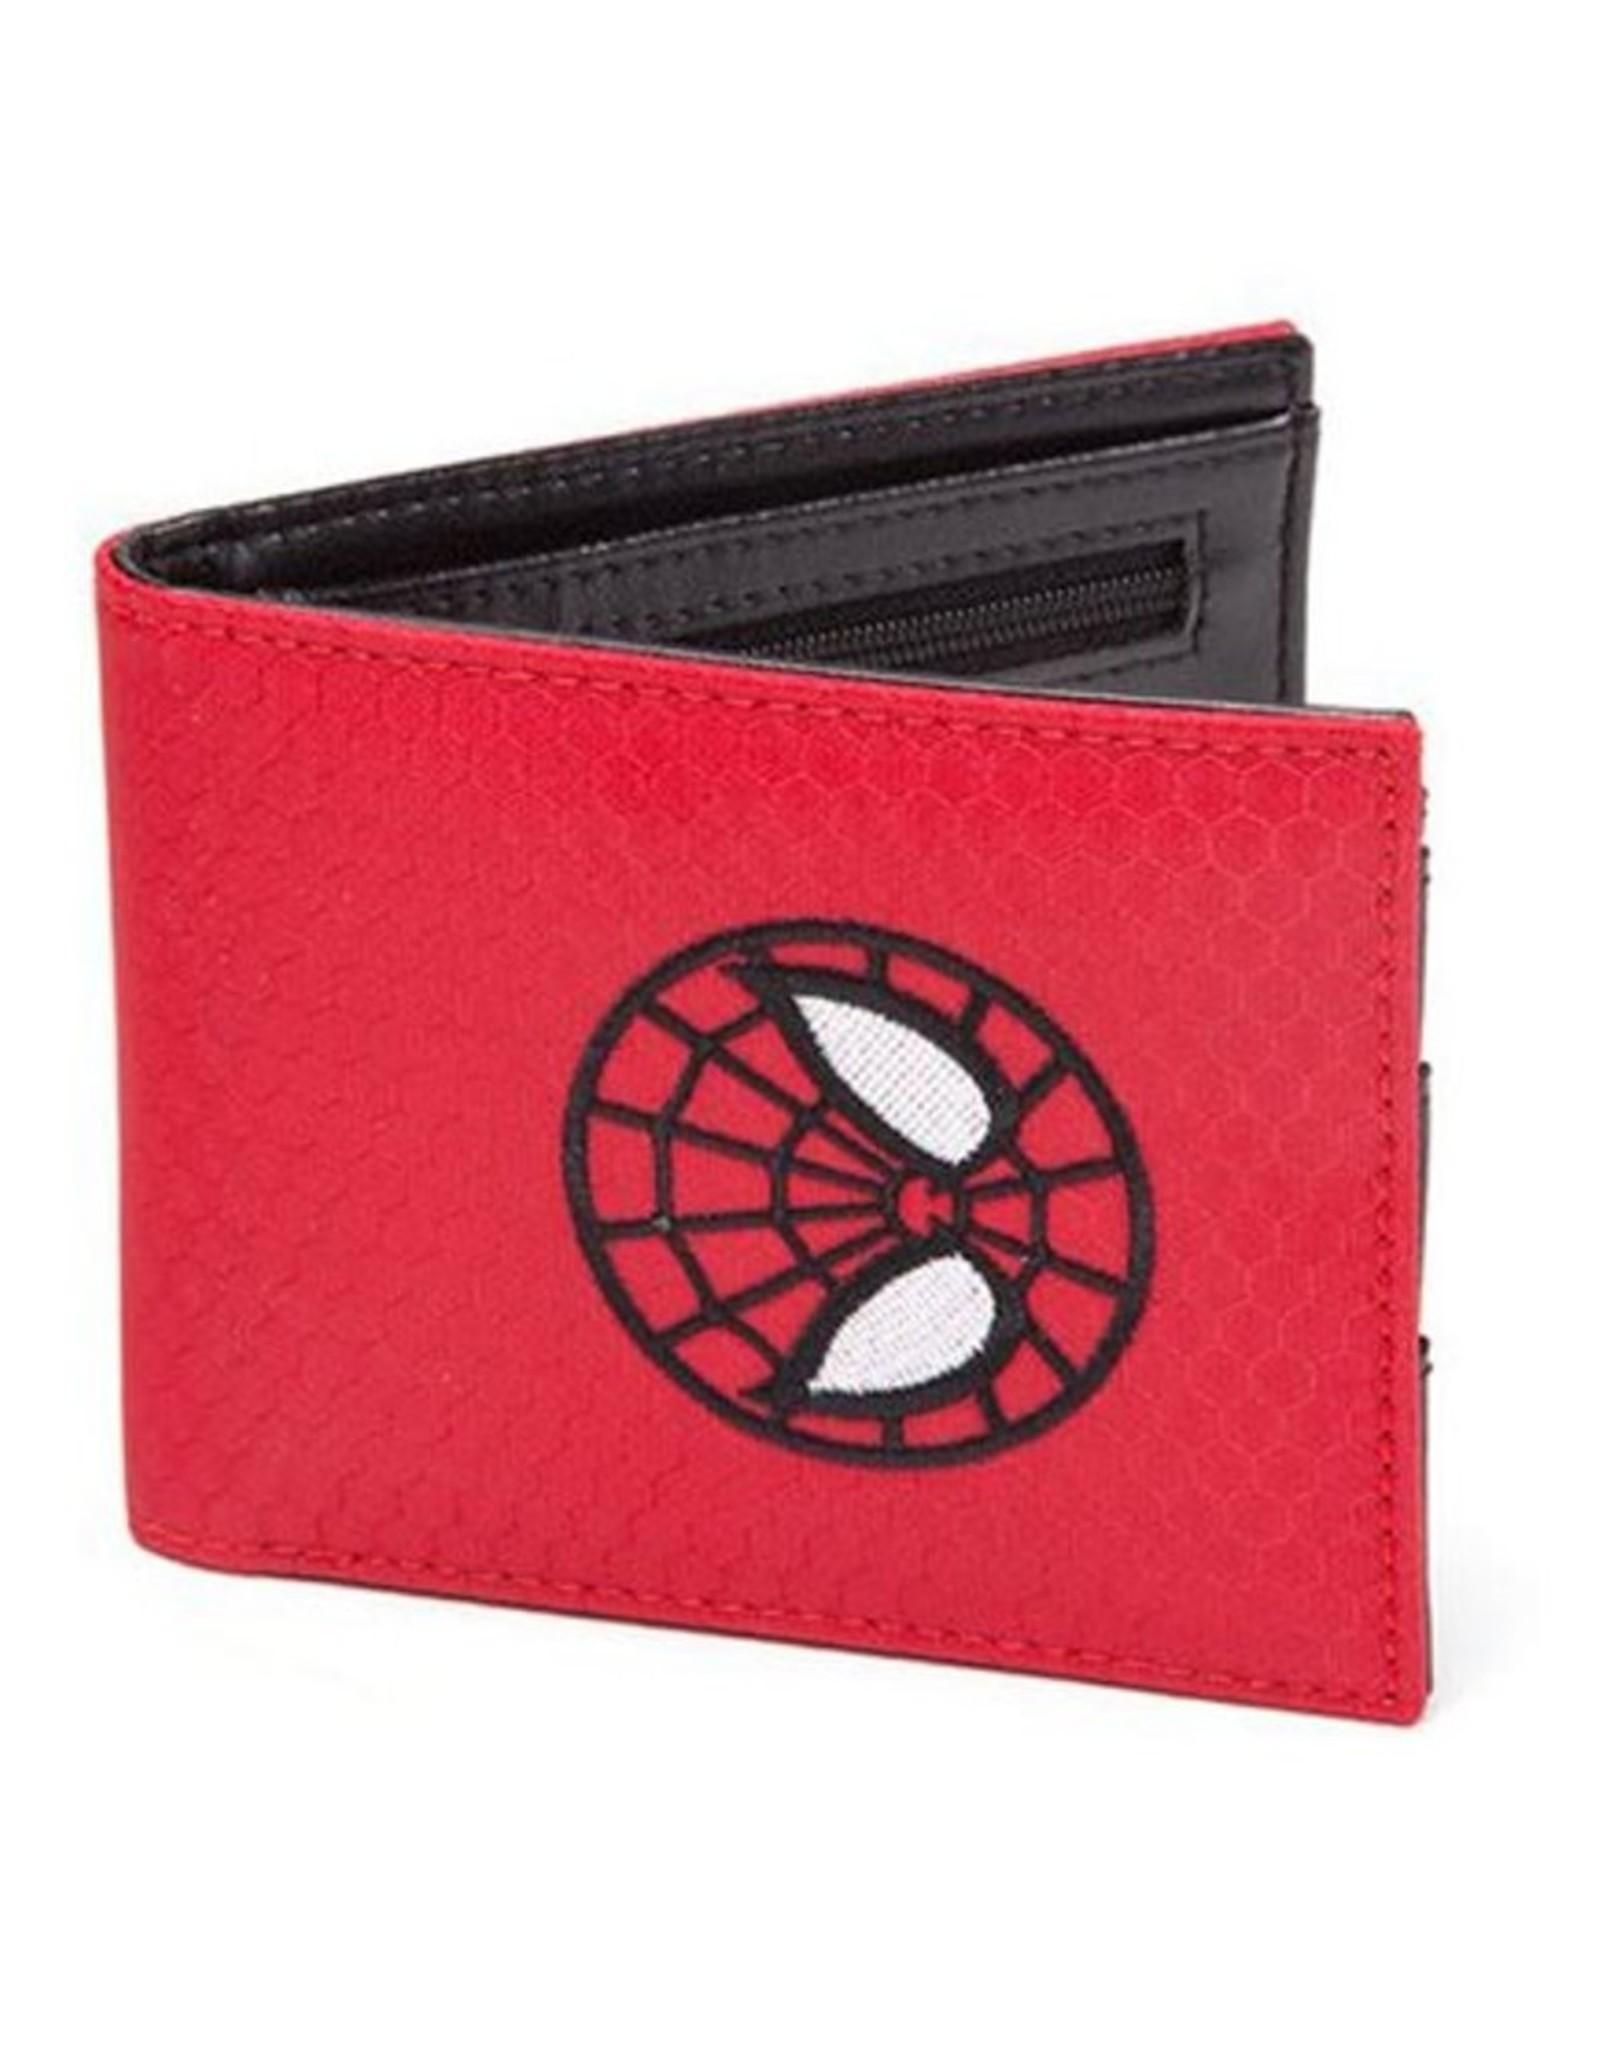 Difuzed Marvel tassen en portemonnees - Marvel portemonnee Spider-Man